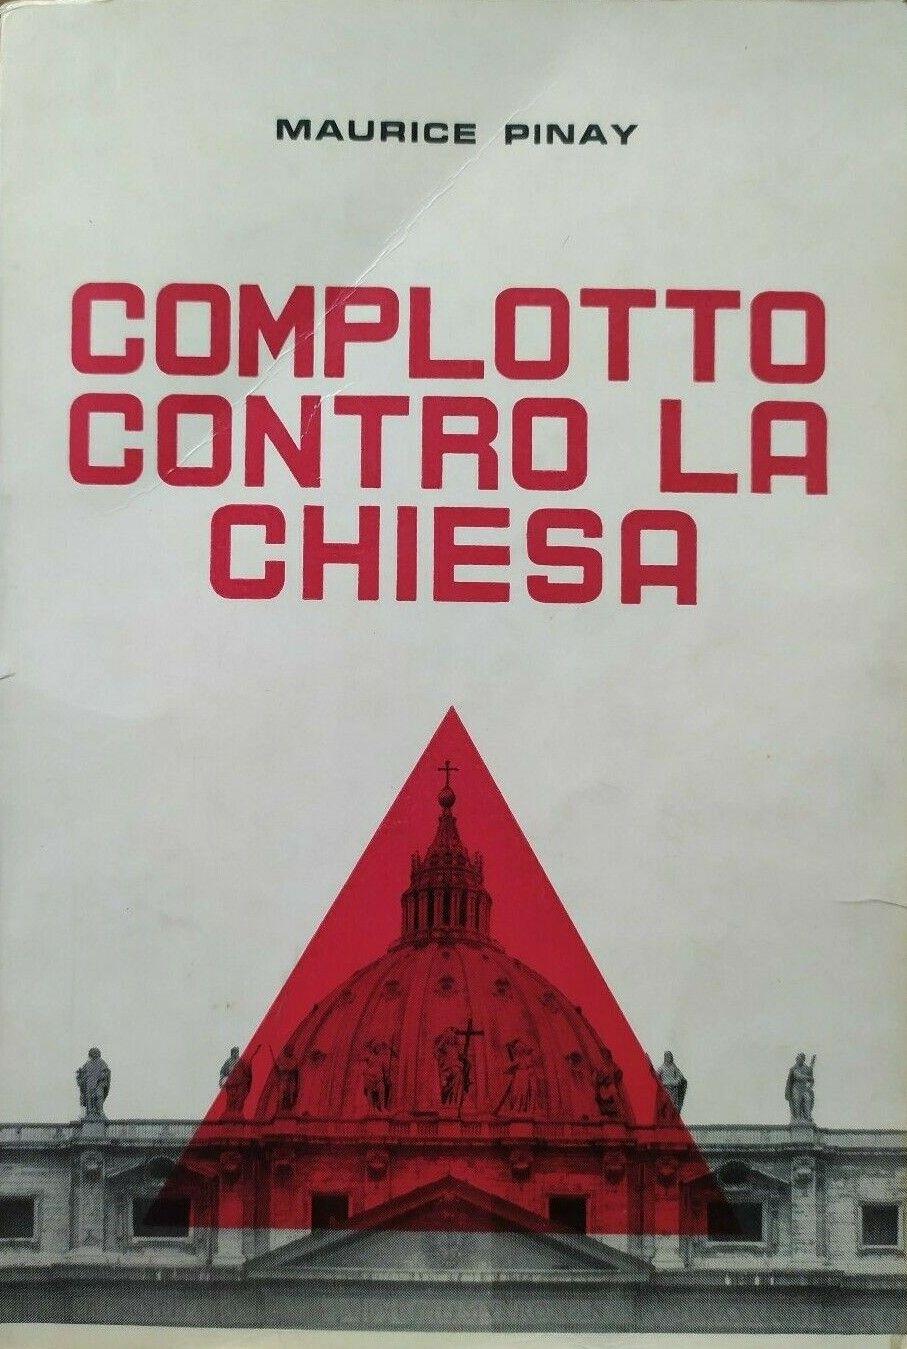 """""""Complotto contro la Chiesa"""" di Maurice Pinay [pesud.] (Dario Detti, 1962) – il libro proibito del Vaticano a 99 €"""